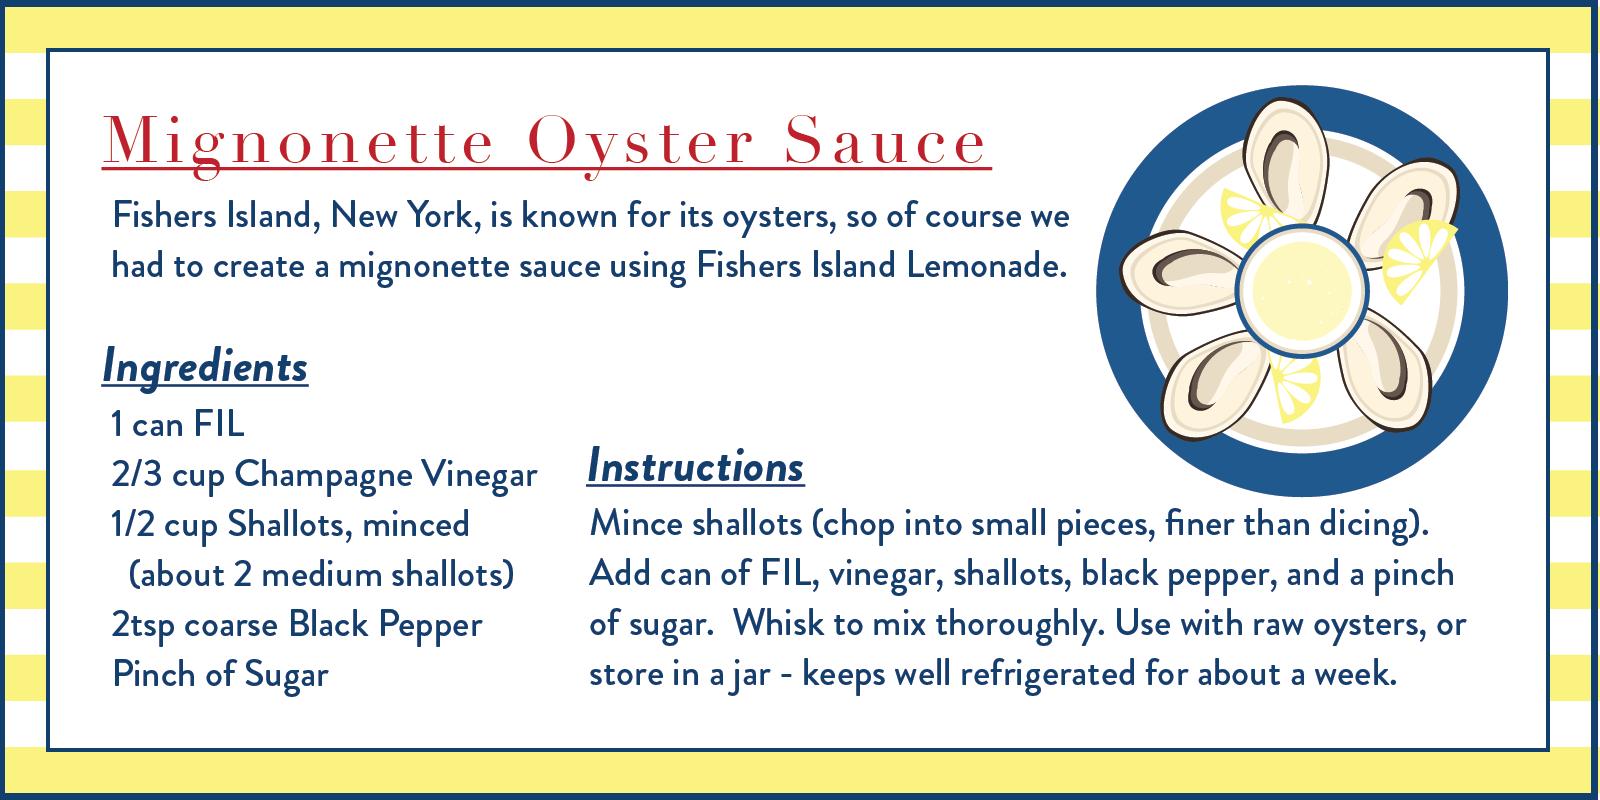 mignonette oyster sauce recipe